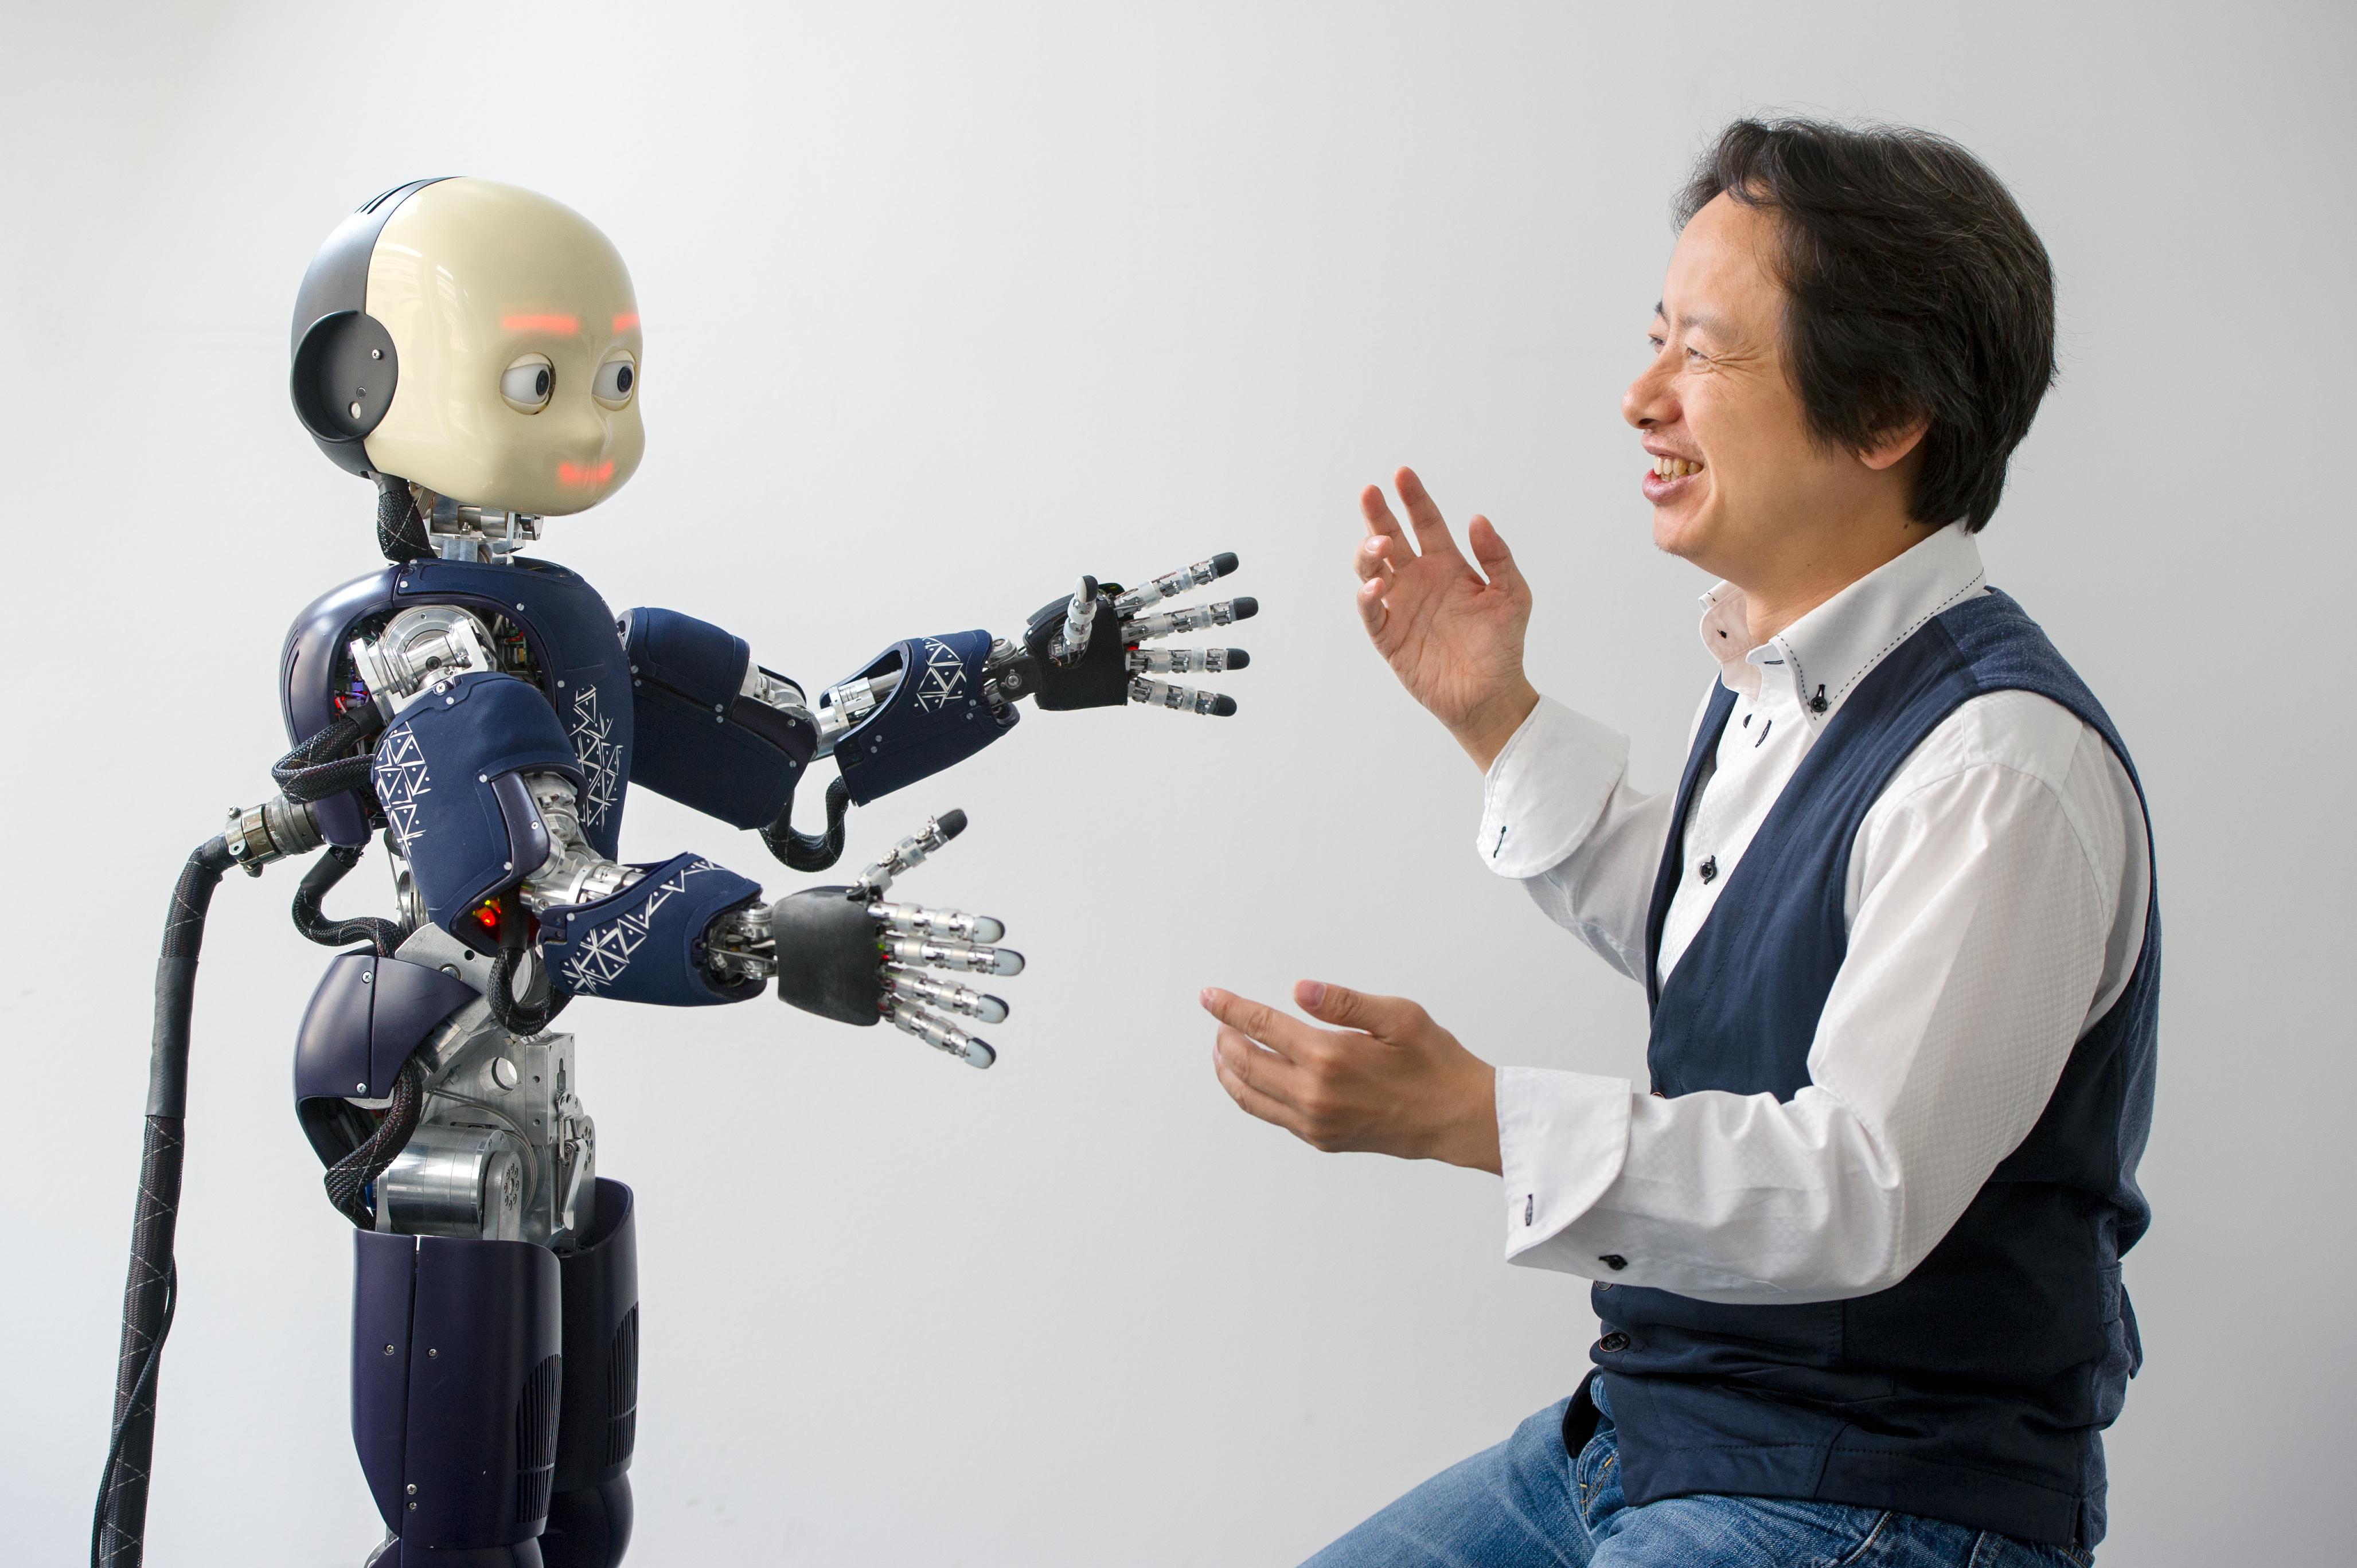 наше человек робот картинки этот